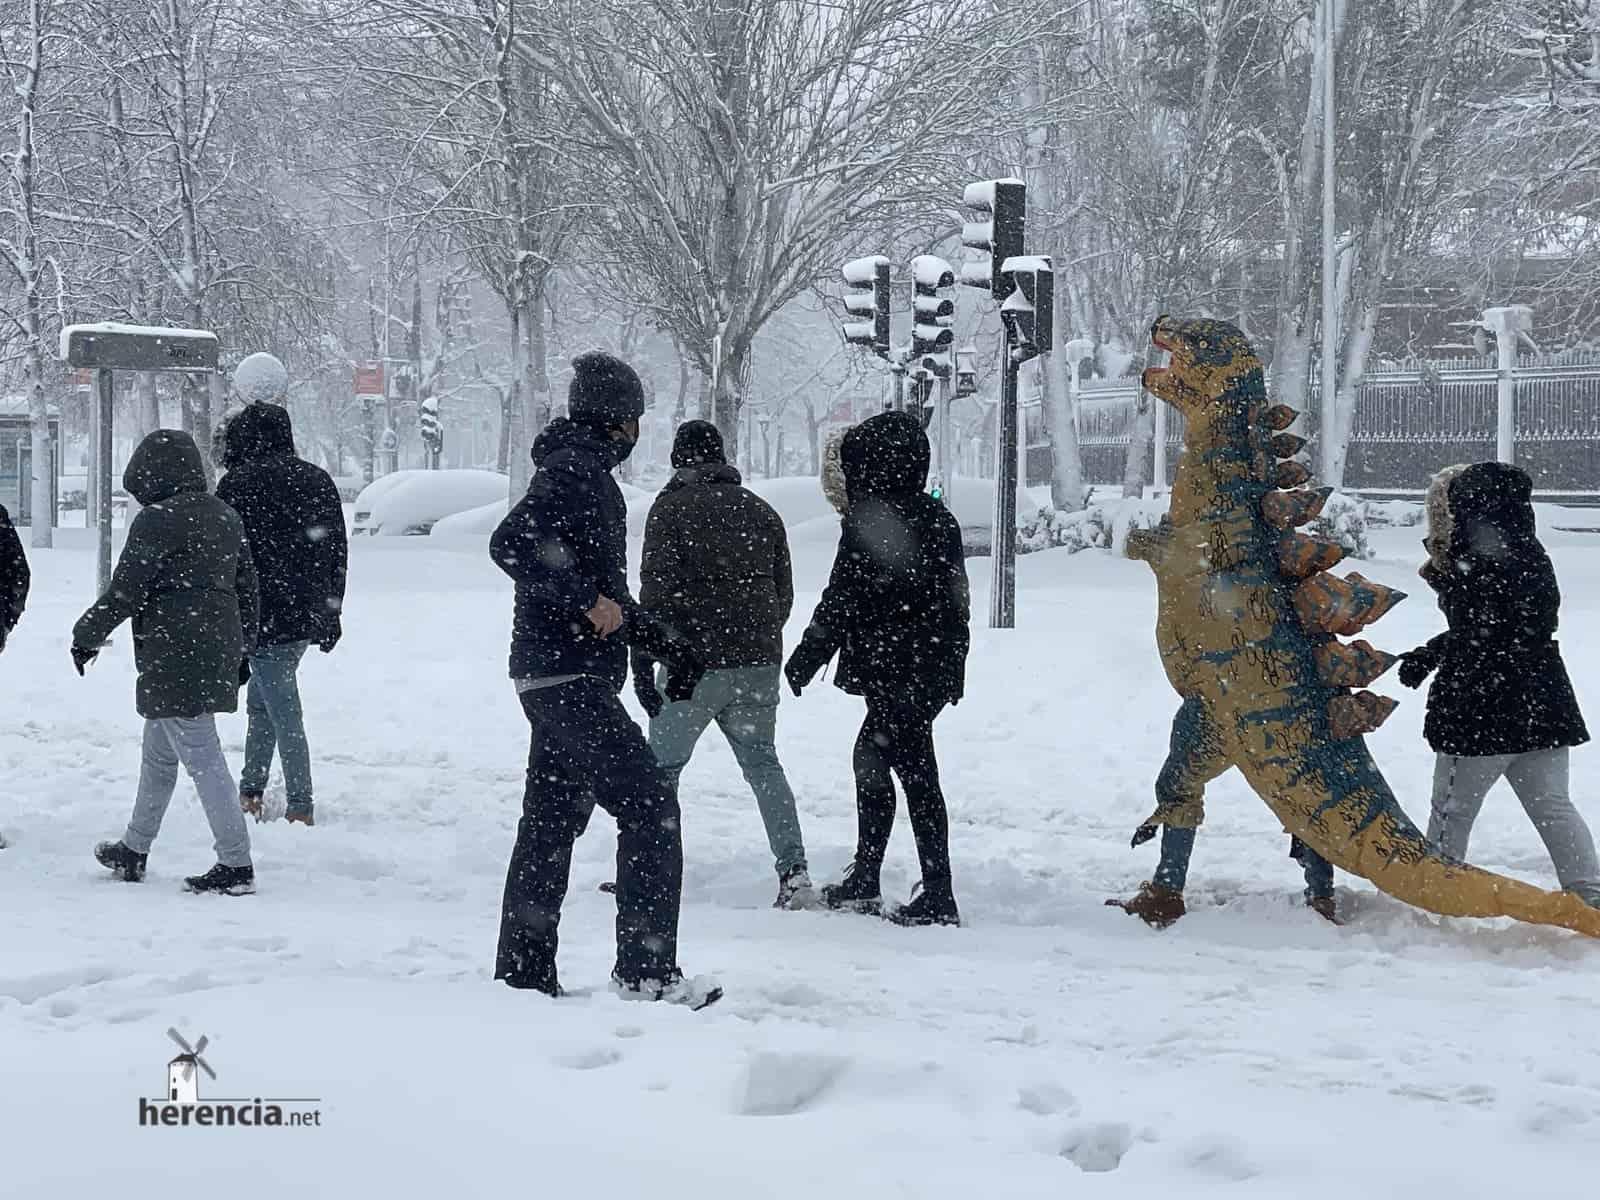 Fotografías de la nevada de enero en Madrid (España) 209